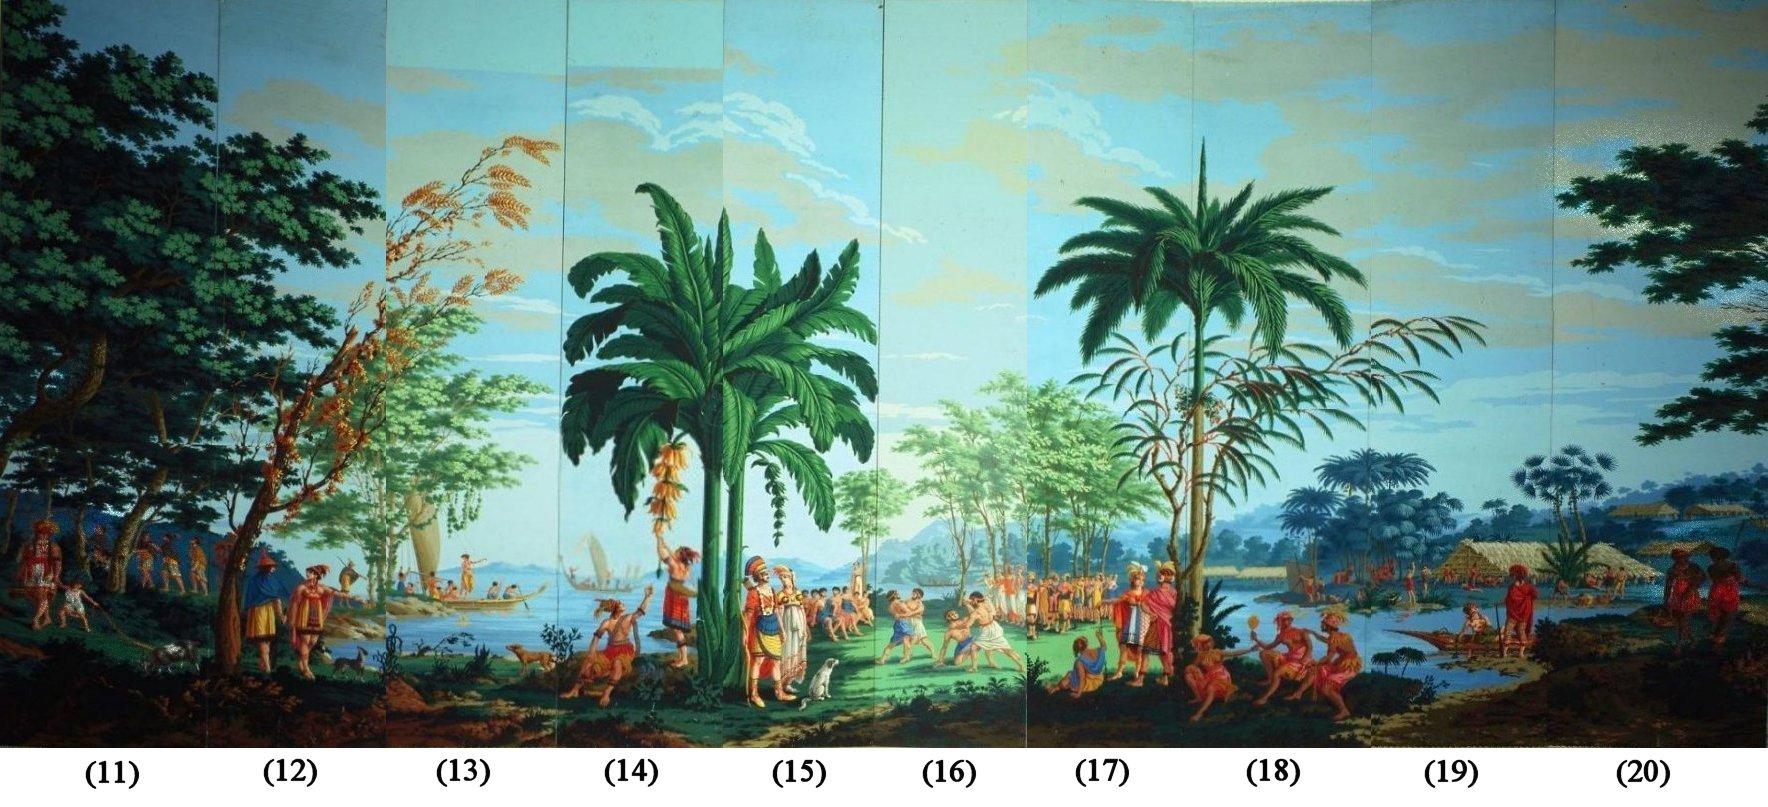 File Sauvages De La Mer Pacifique Panels 11 20 Of